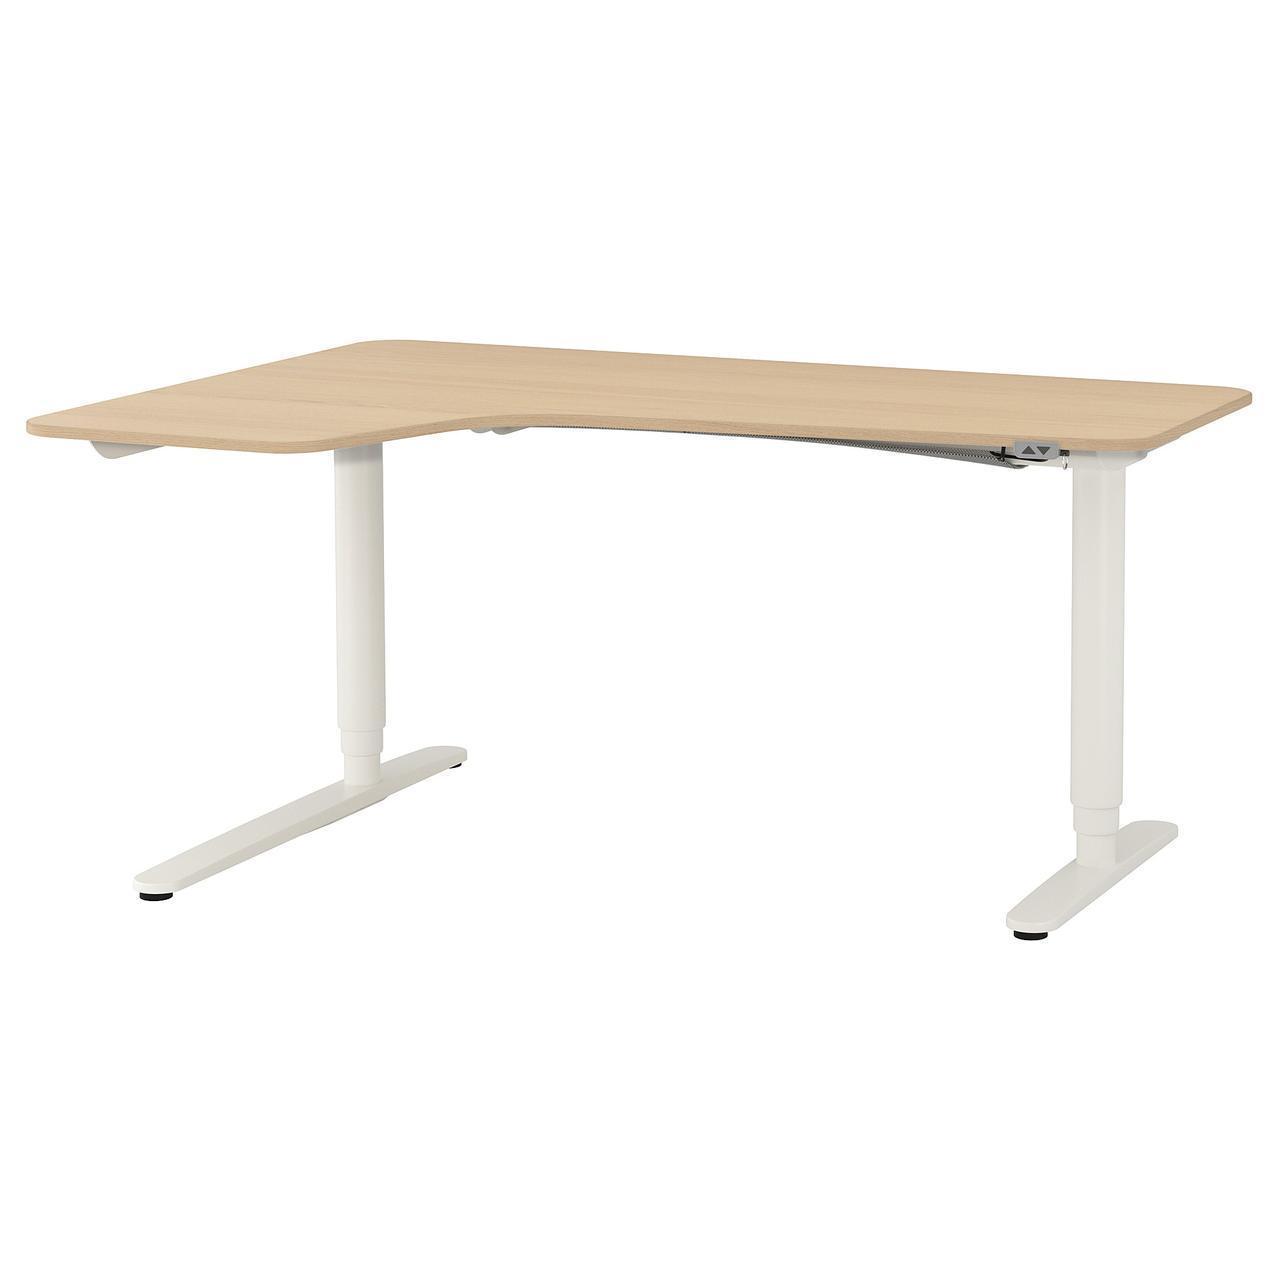 Компьютерный стол IKEA BEKANT 160x110 см дубовый шпон белый 392.823.05